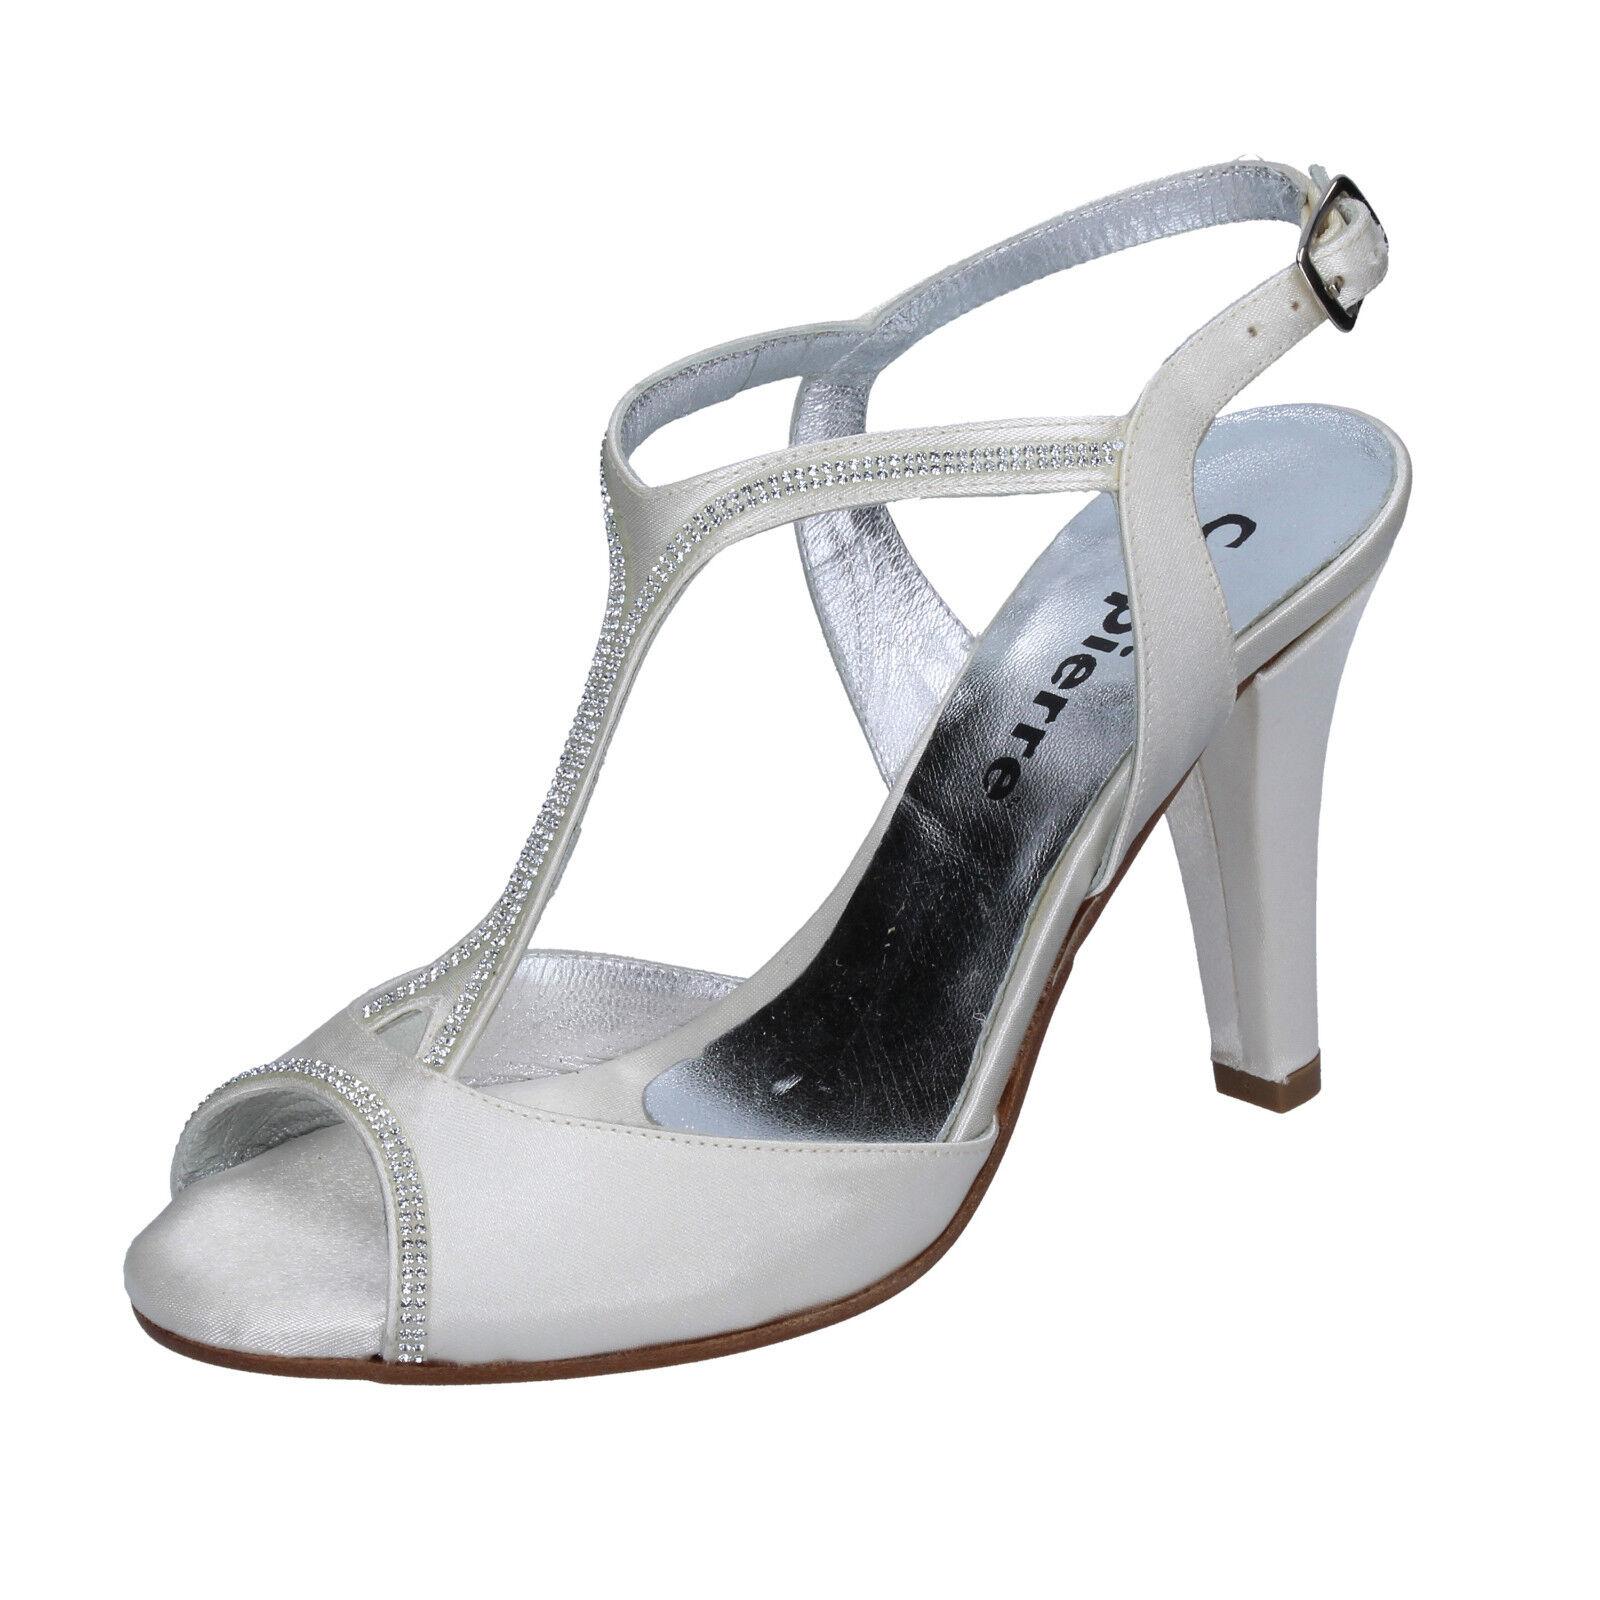 Para mujeres Zapatos calpierre 4 () Sandalias blancooo Satinado Swarovski BT672-34